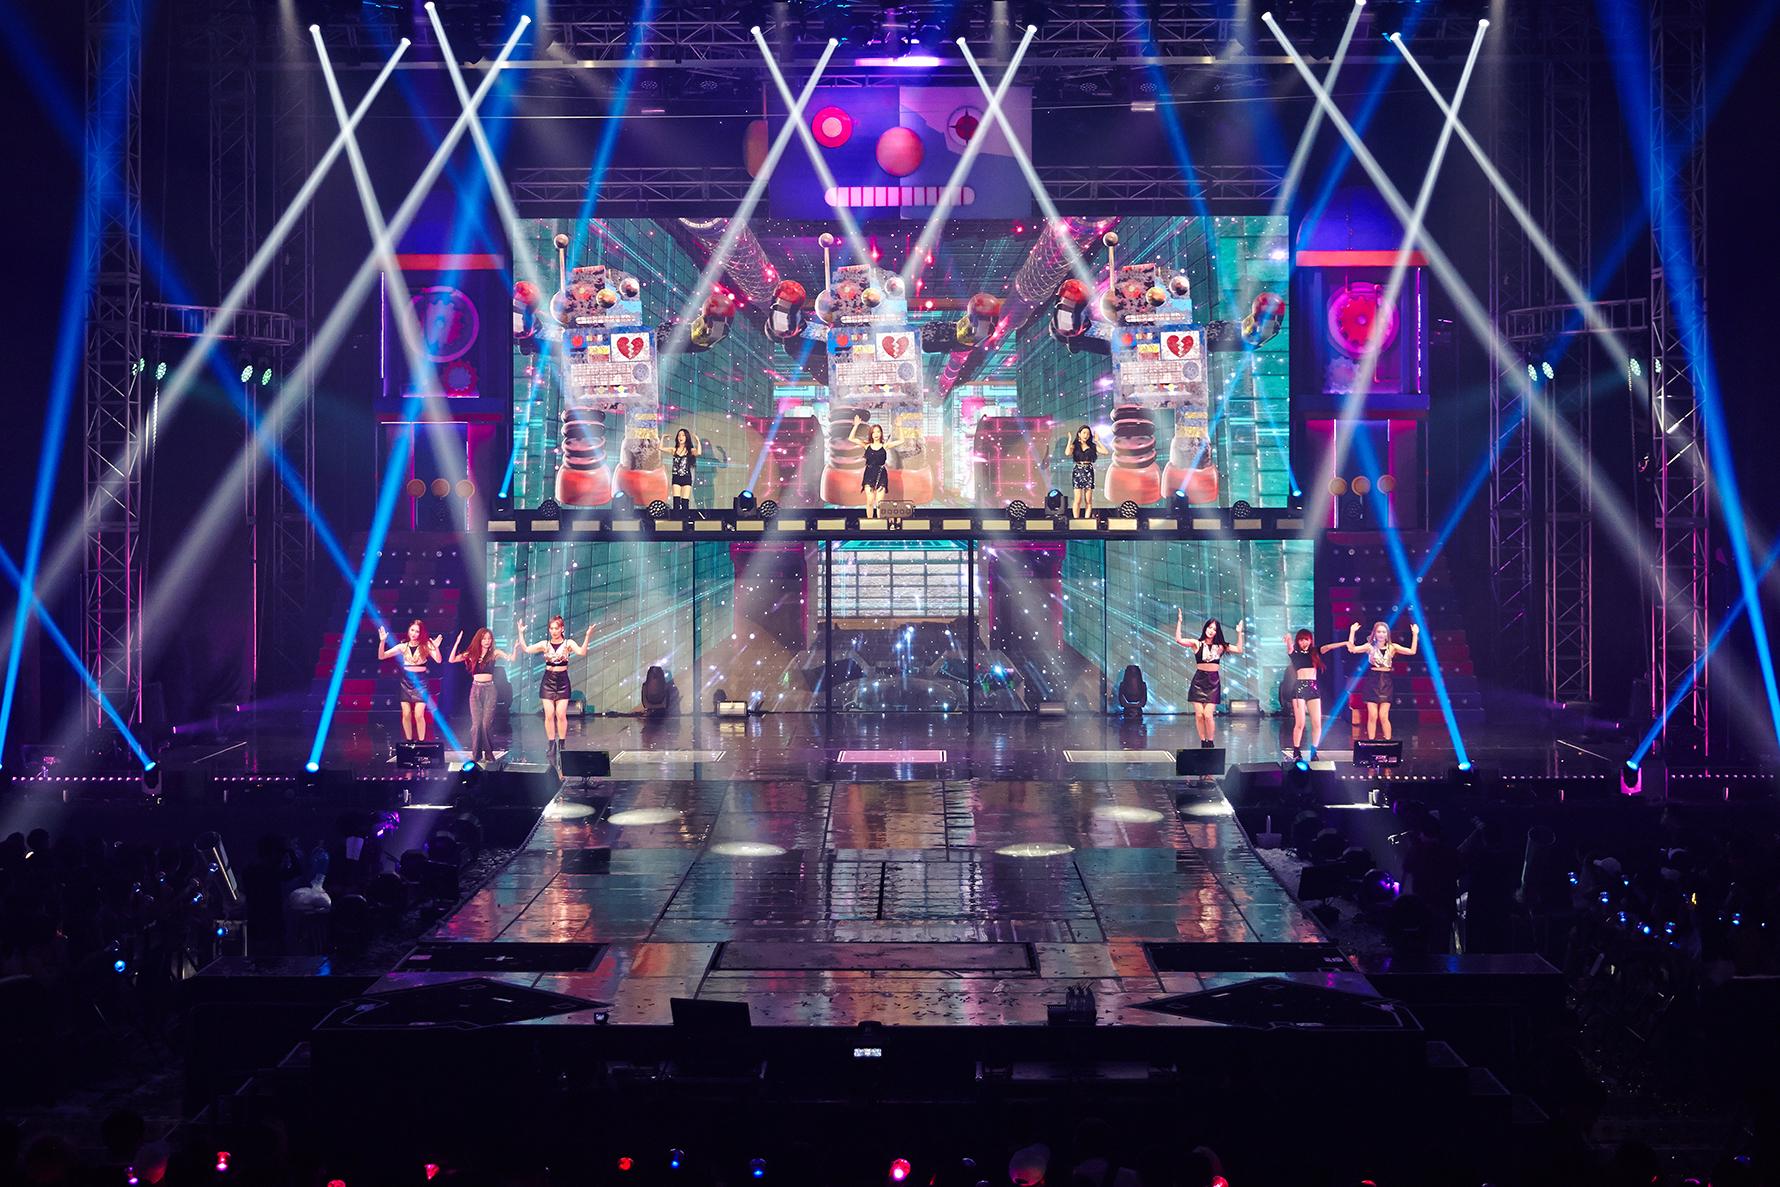 레드벨벳 두 번째 단독 콘서트 이미지 6.jpg